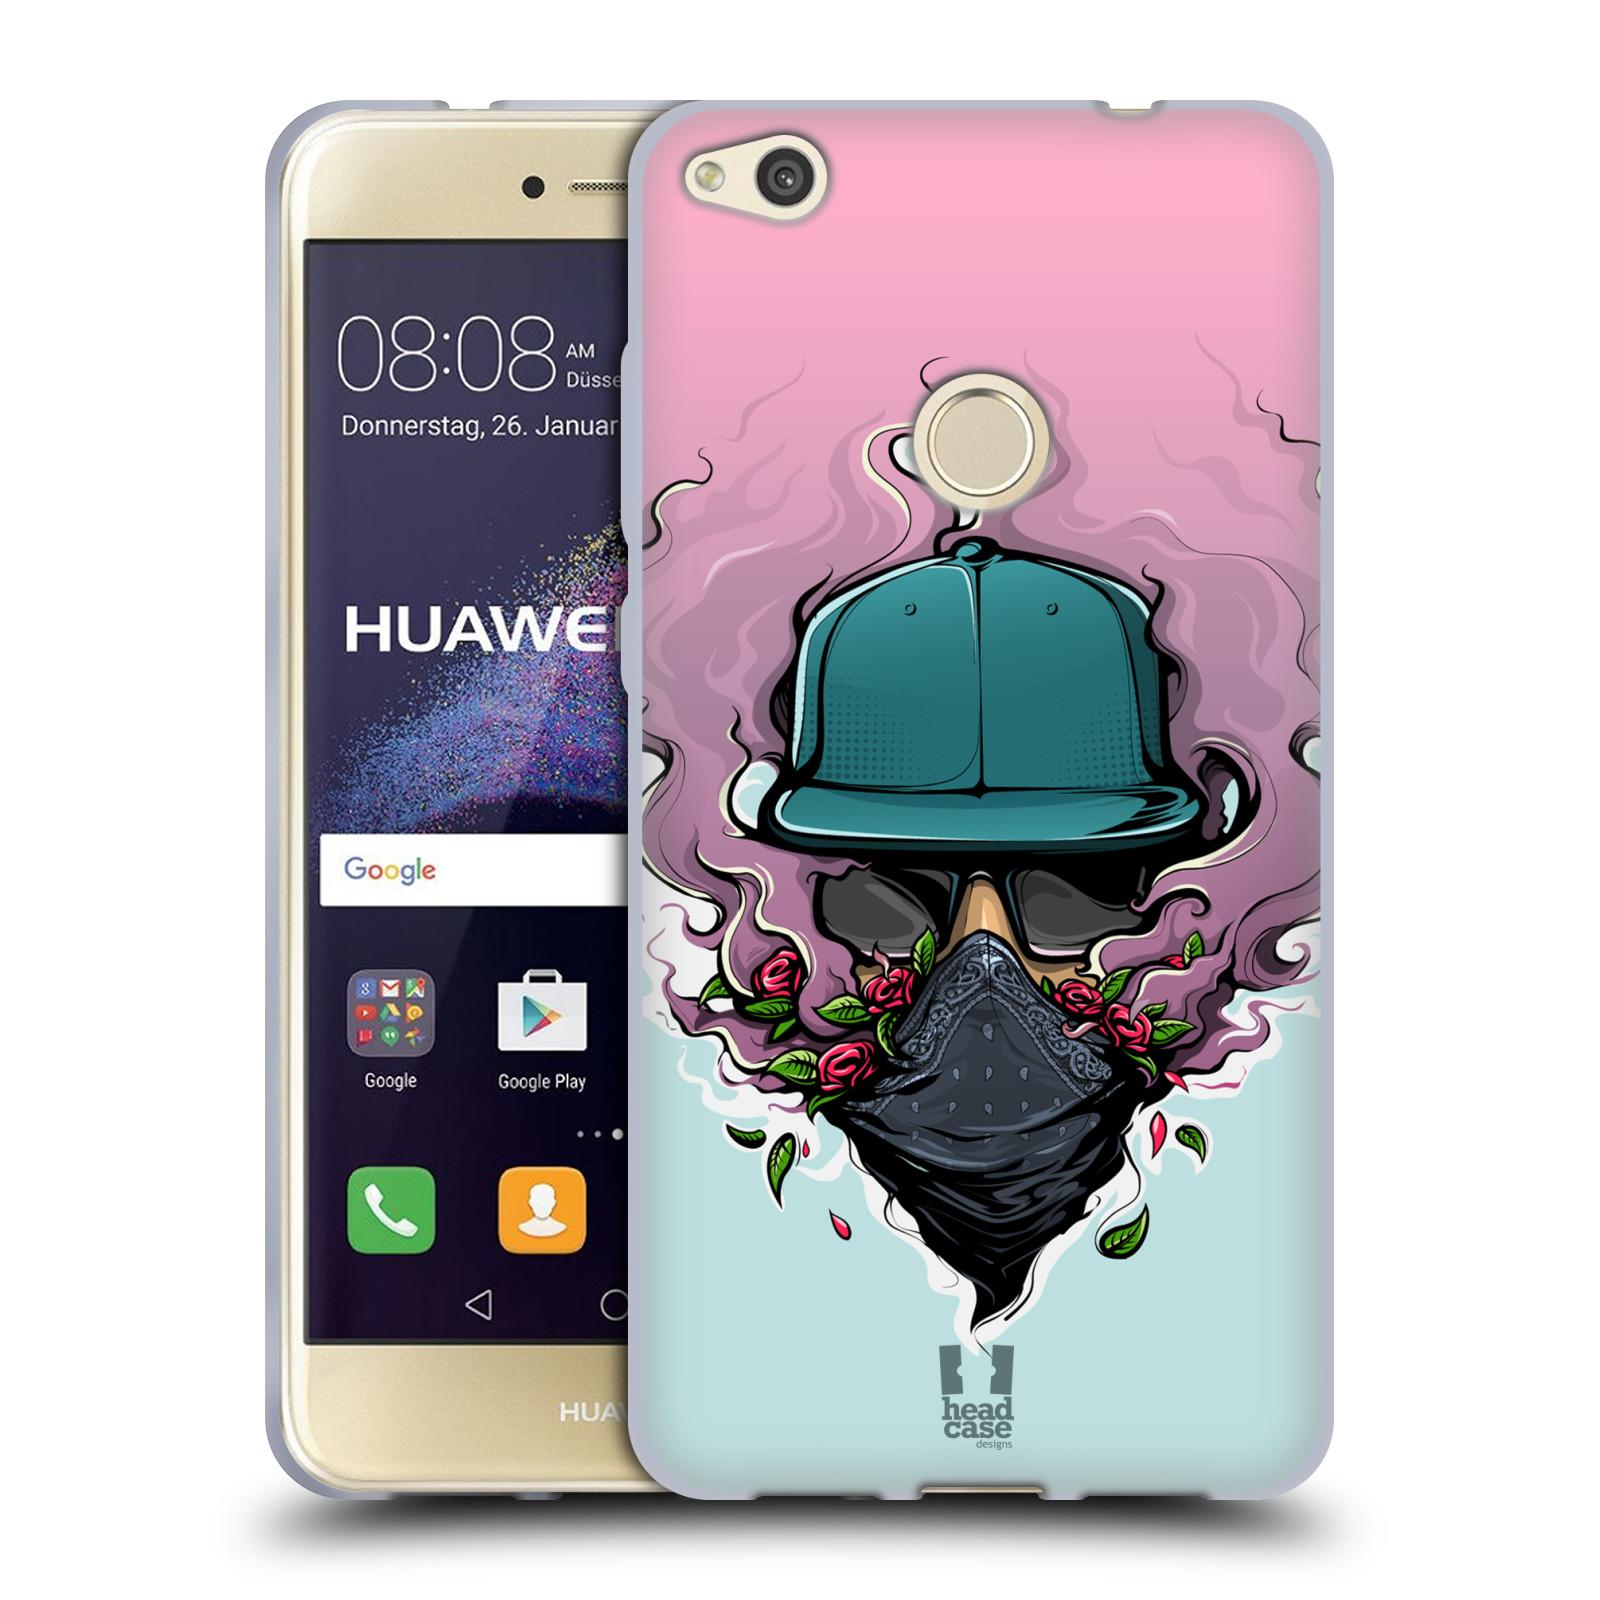 Funda HEAD CASE DESIGNS CON Gel Suave de vibraciones urbano para Huawei P8 Lite (2017)